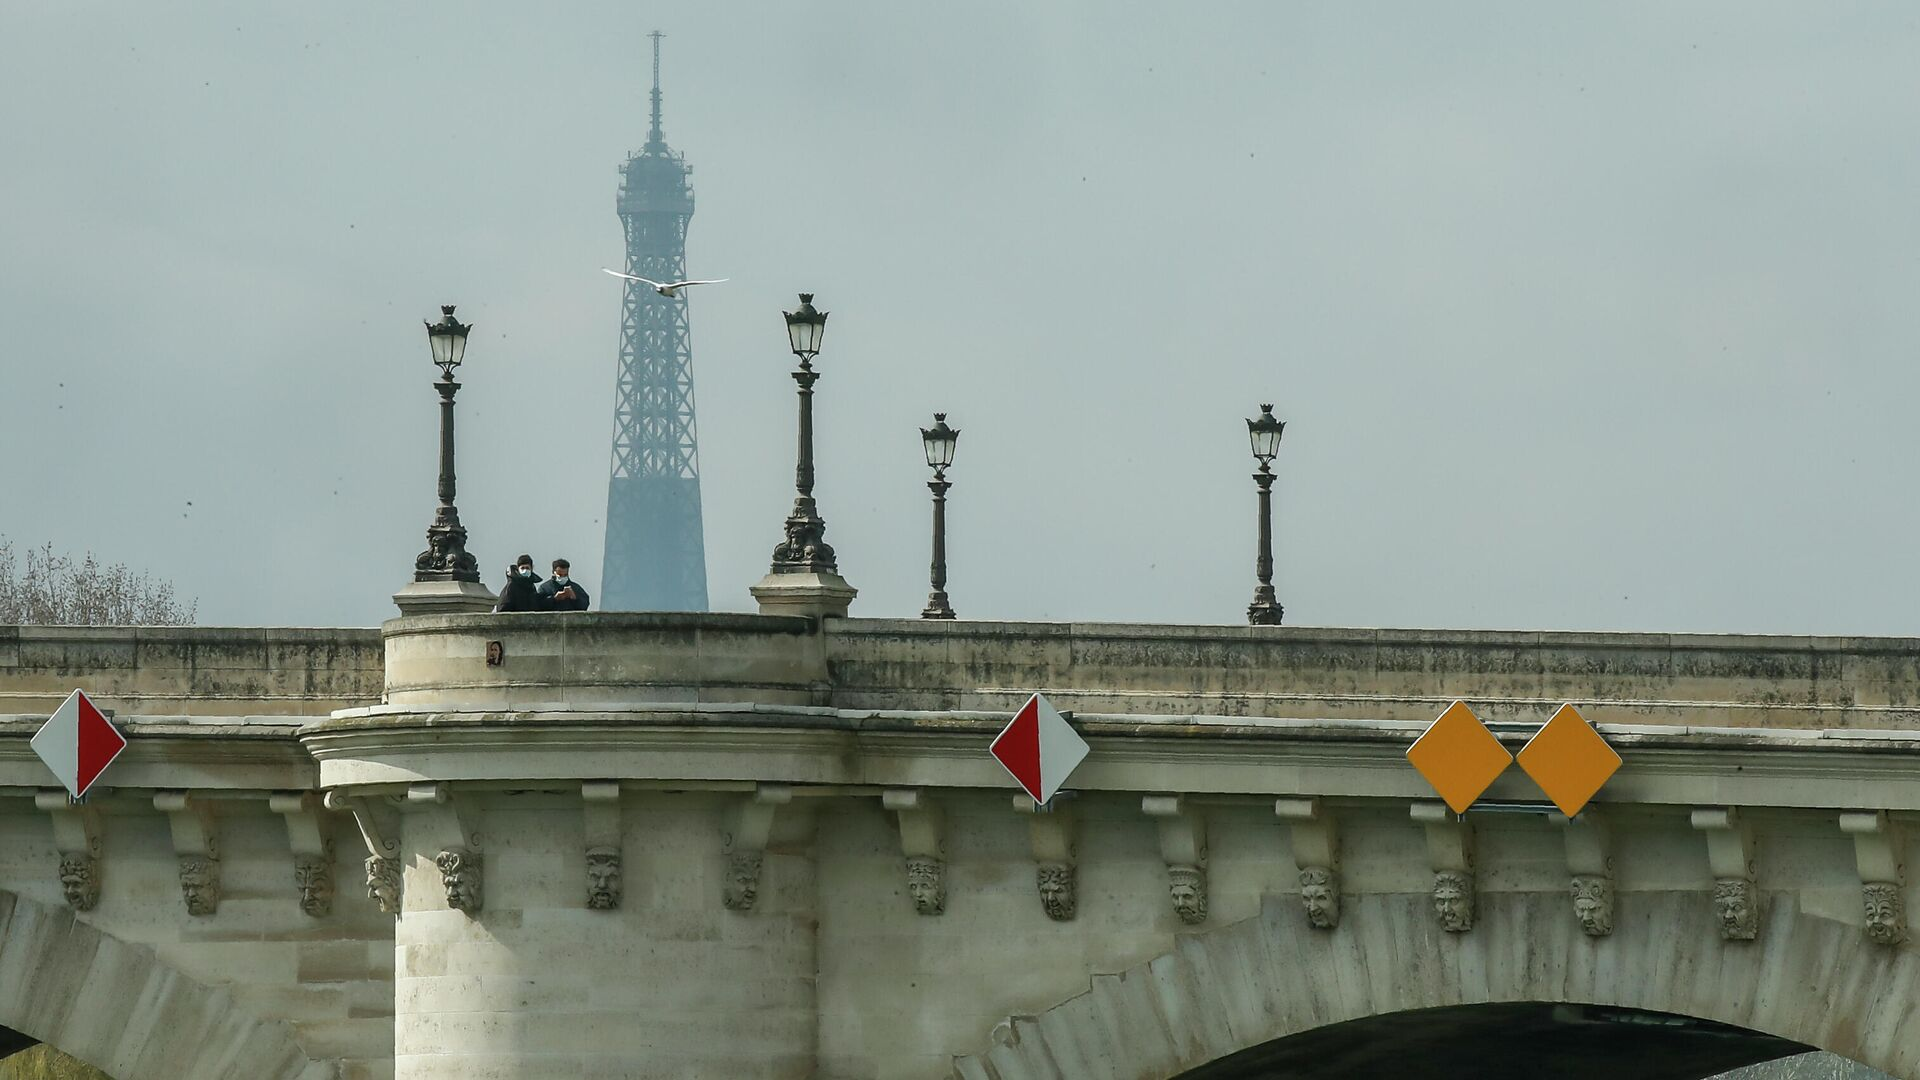 Люди в масках переходят мост Пон-Нёф в Париже, Франция - РИА Новости, 1920, 10.05.2021